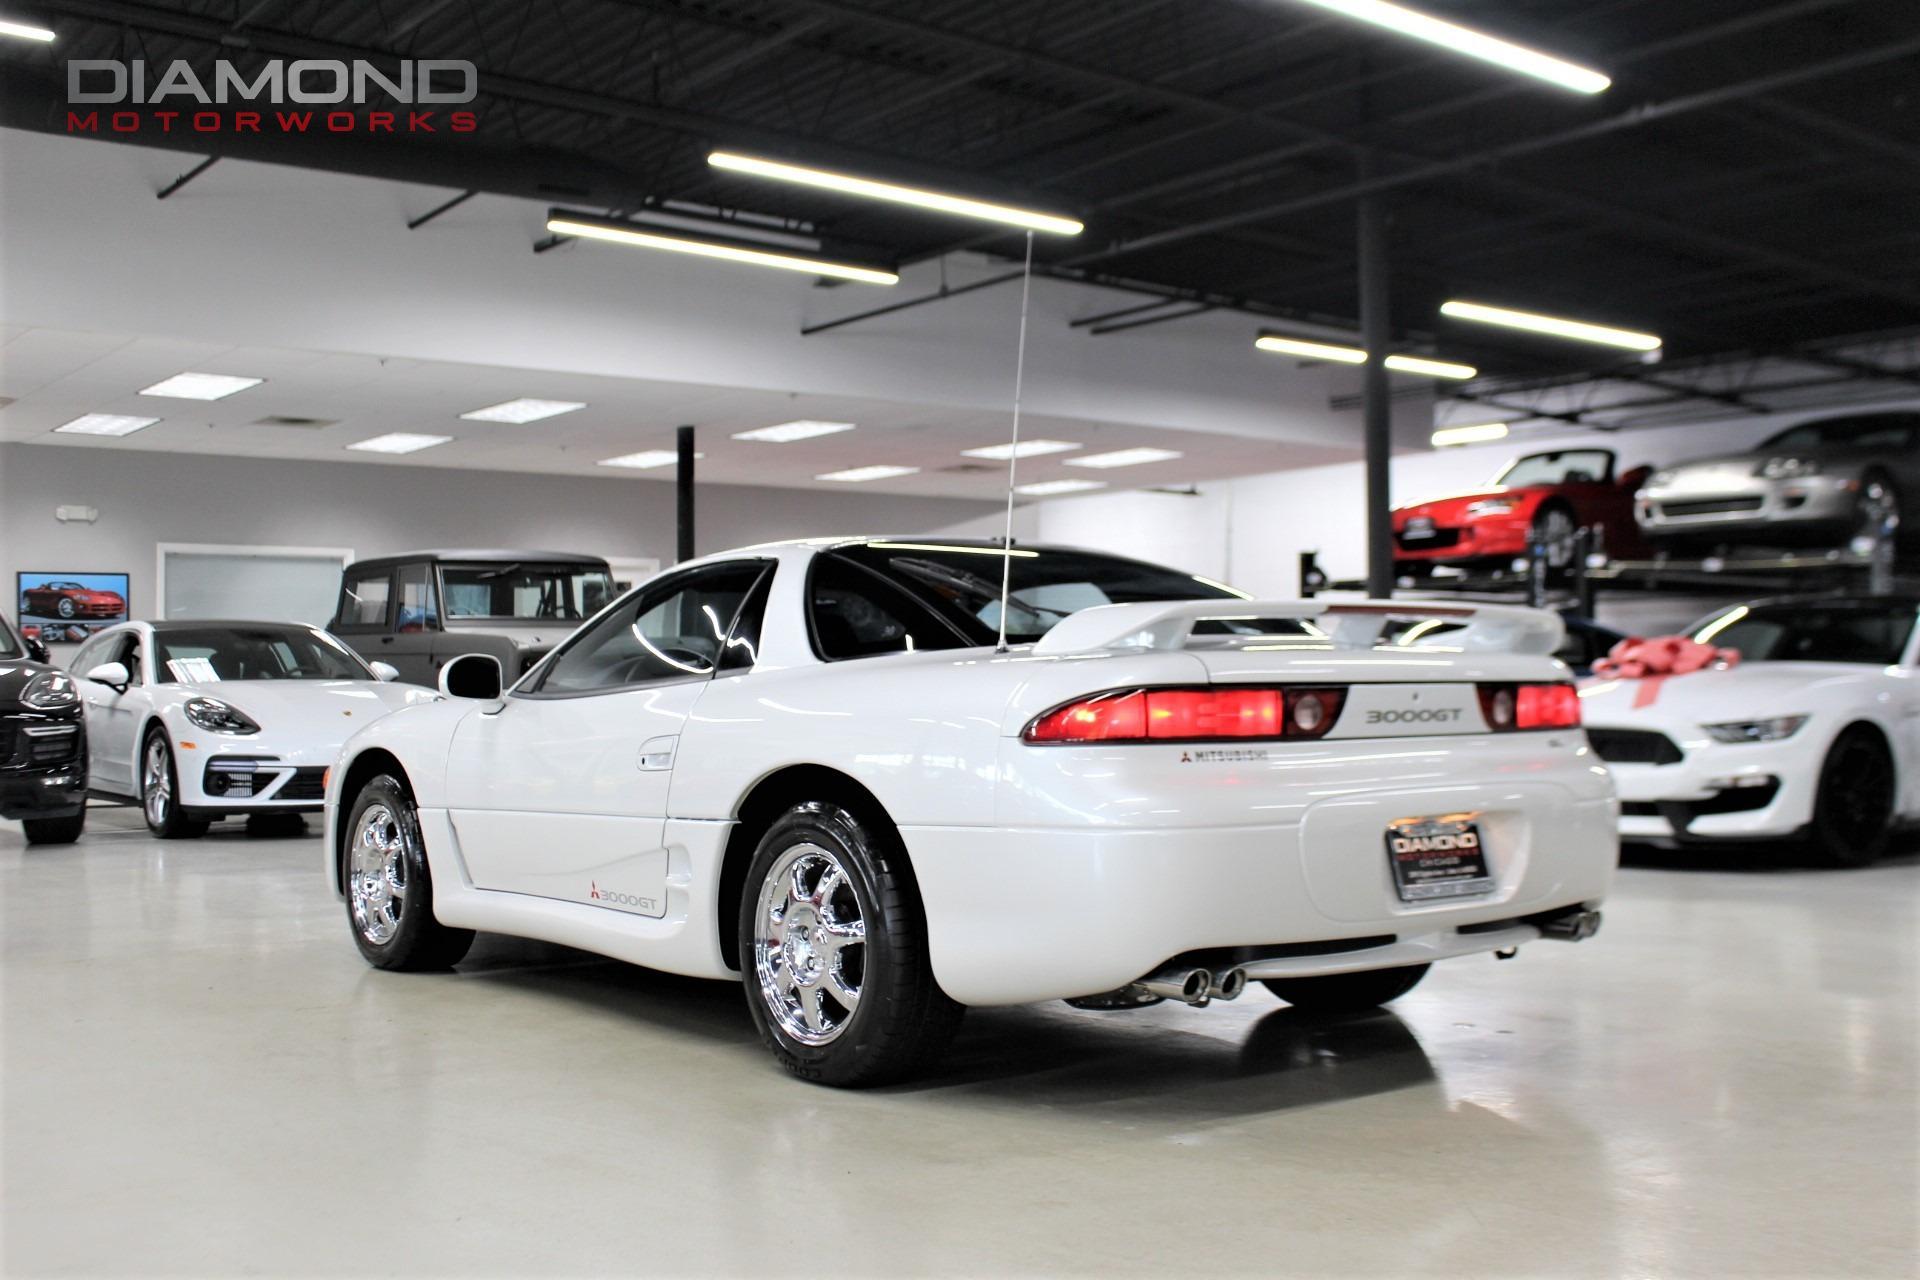 1995 Mitsubishi 3000gt Sl Stock 001889 For Sale Near